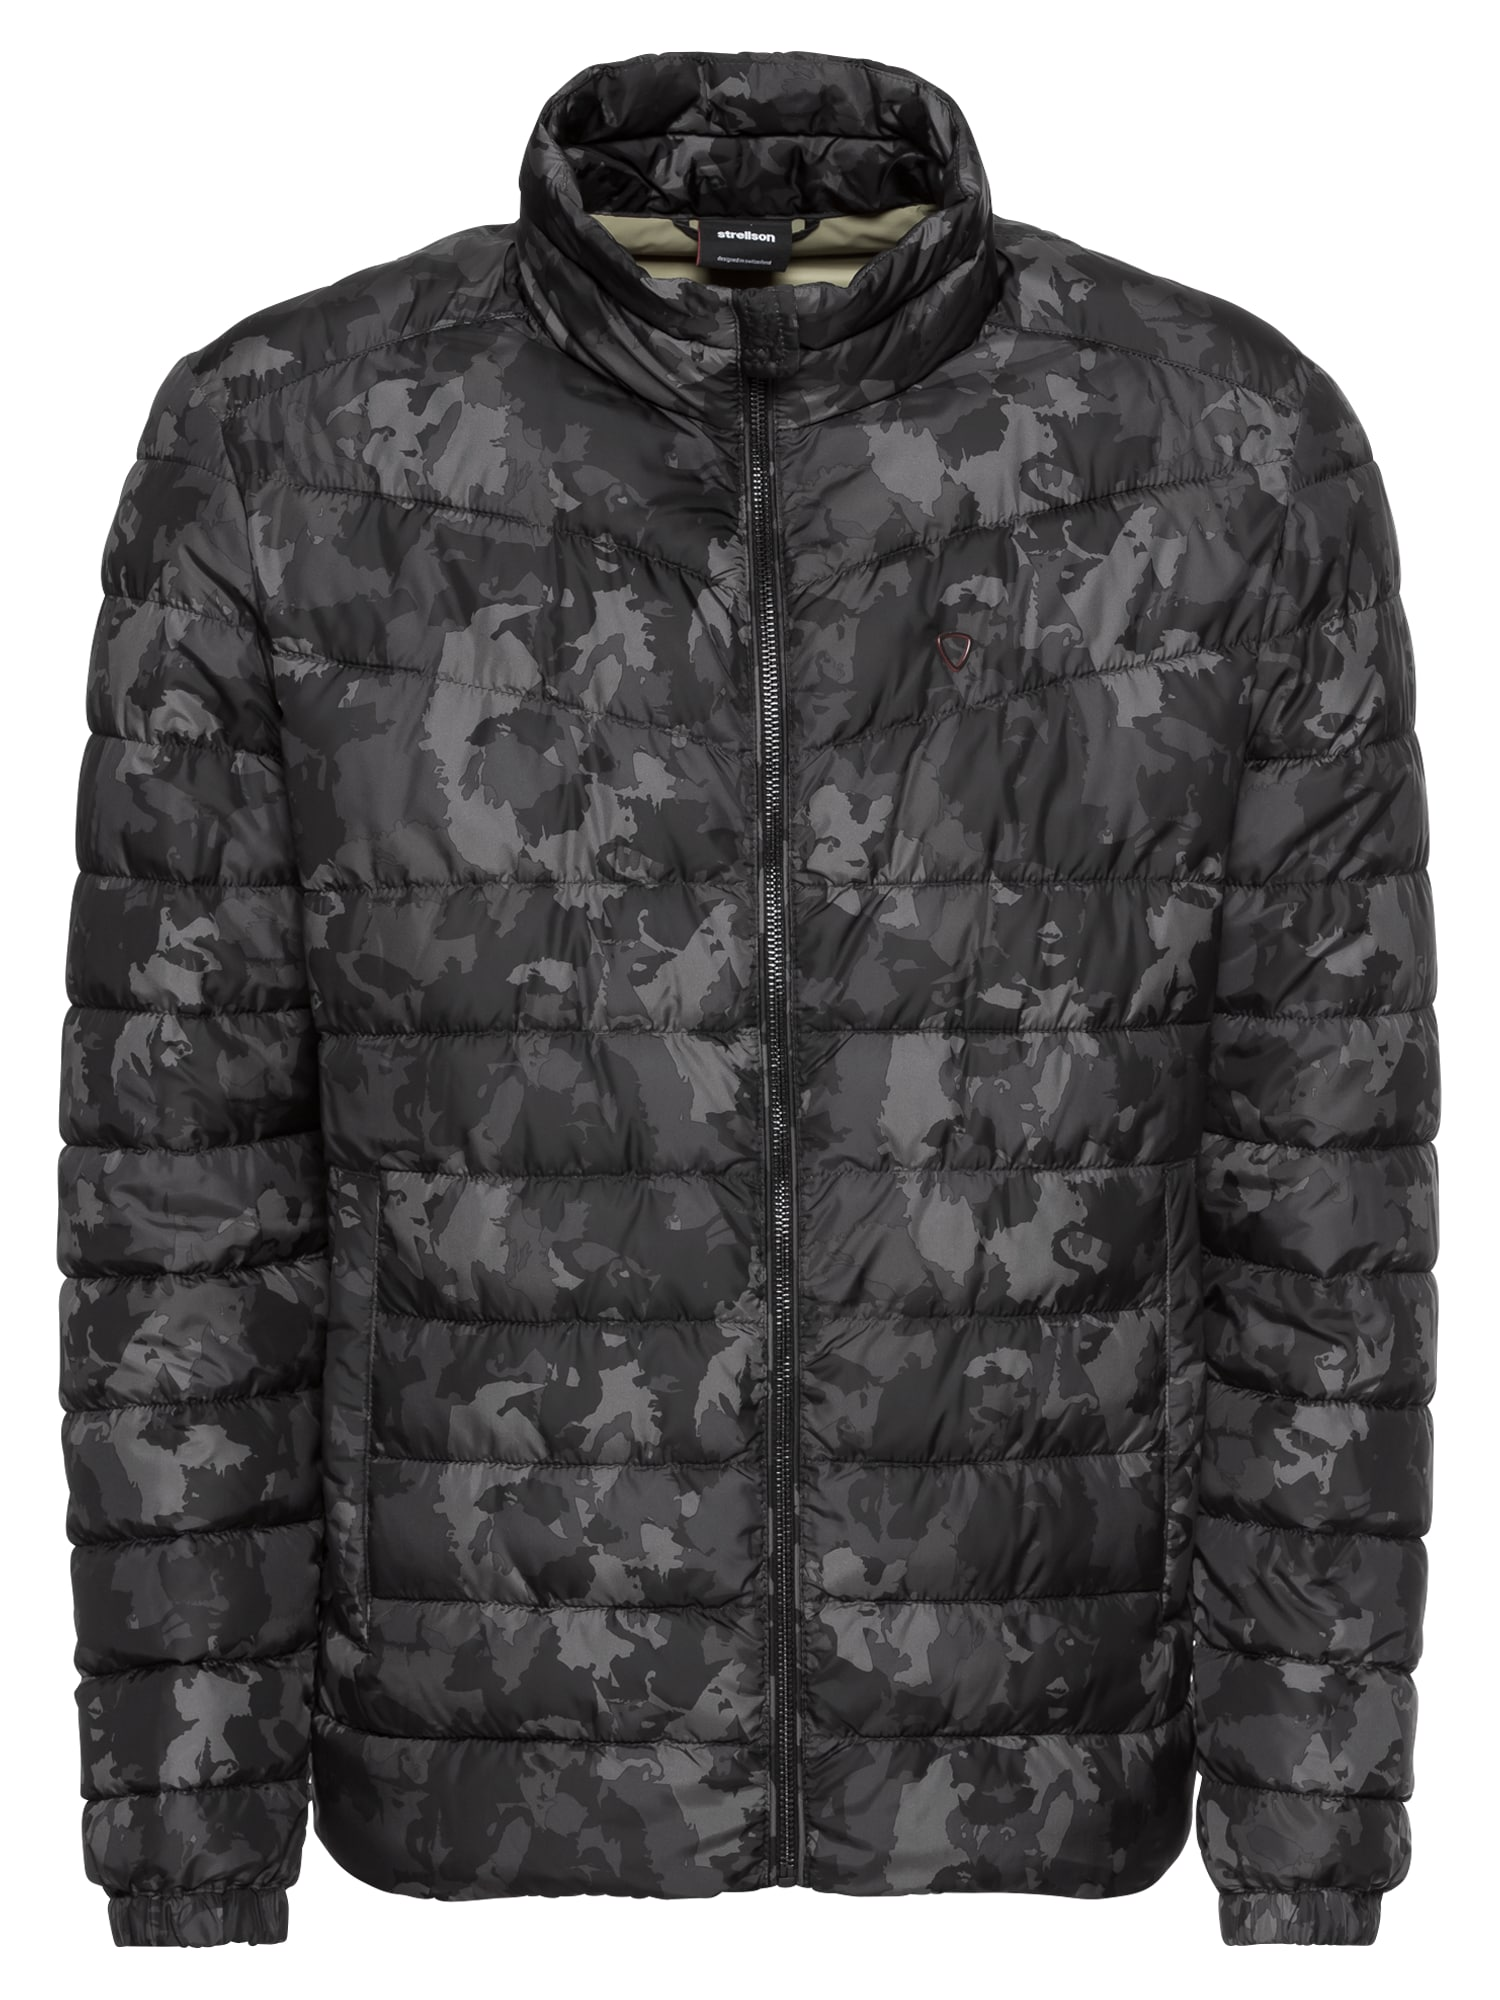 Zimní bunda 11 4SeasonJKT 10005830 šedá grafitová černá STRELLSON